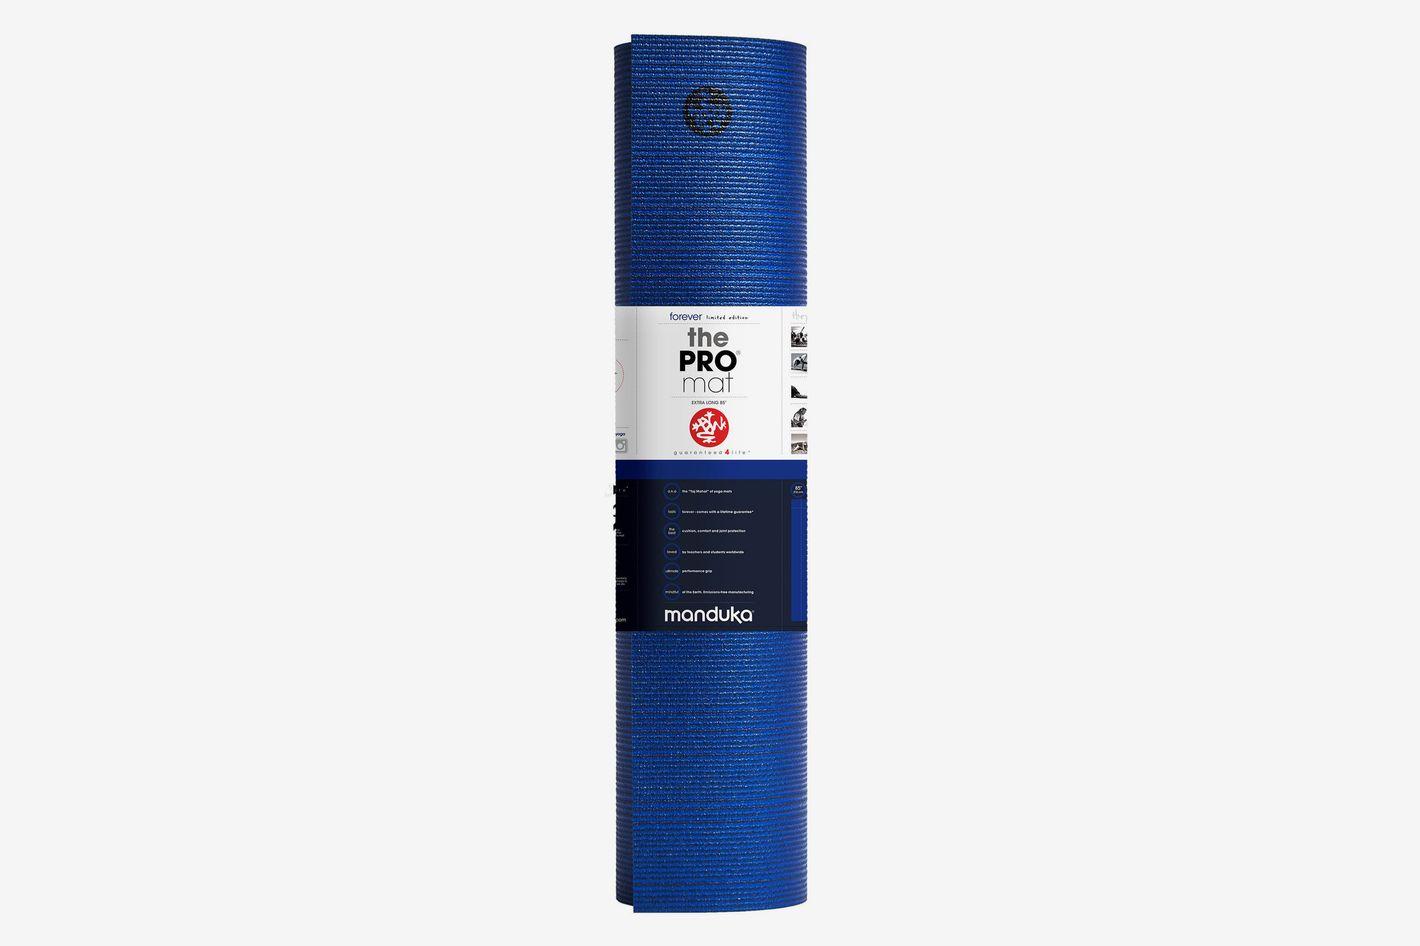 Manduka  'PRO' Yoga Mat